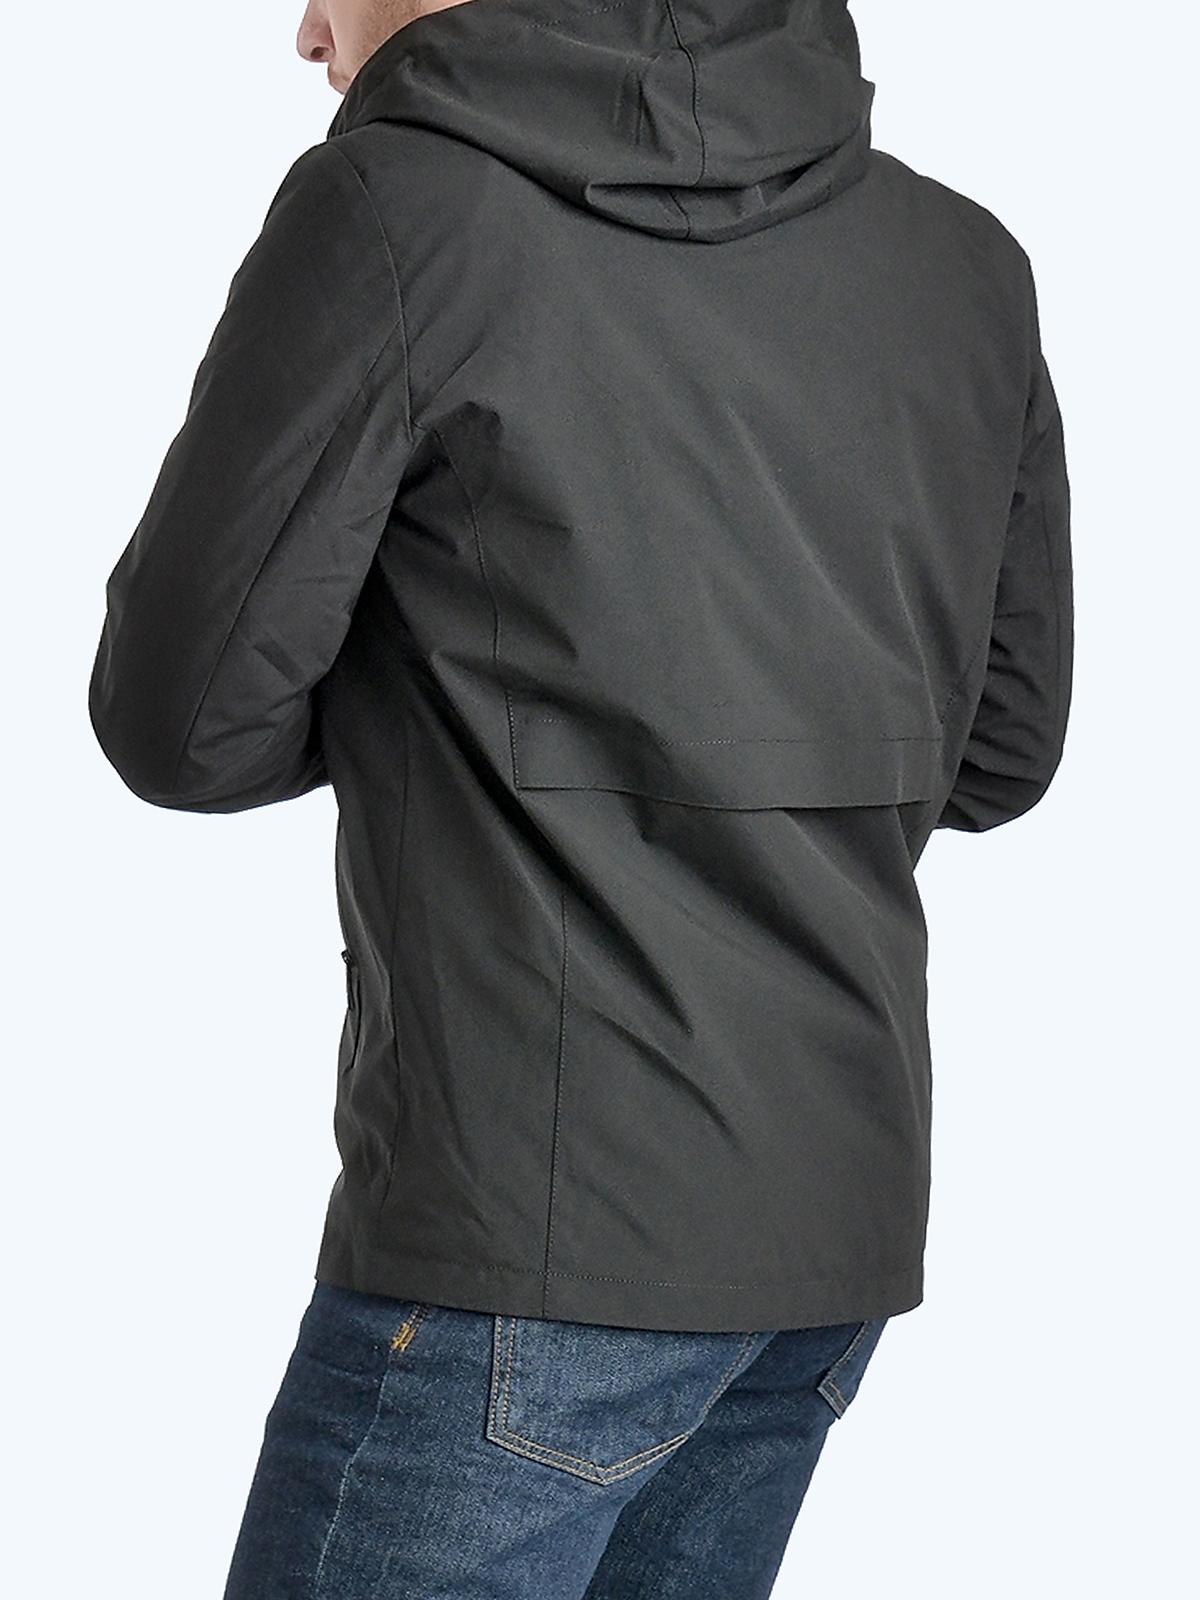 GRIZMAN Куртка фото